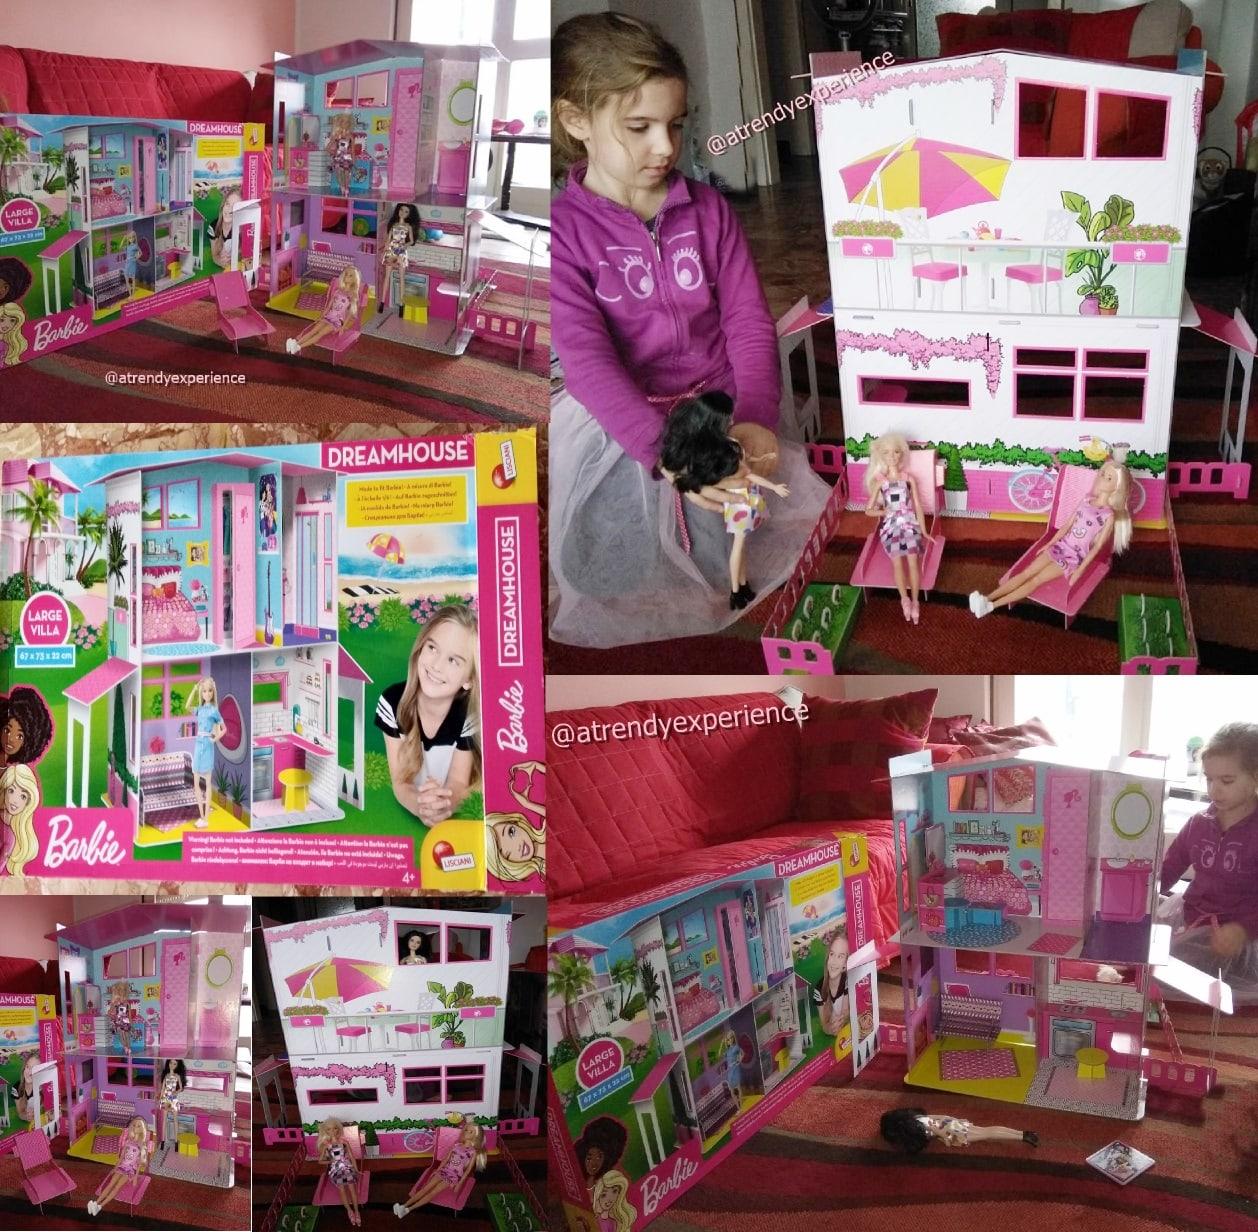 La Casa di Barbie Dreamhouse per tutte le bambine